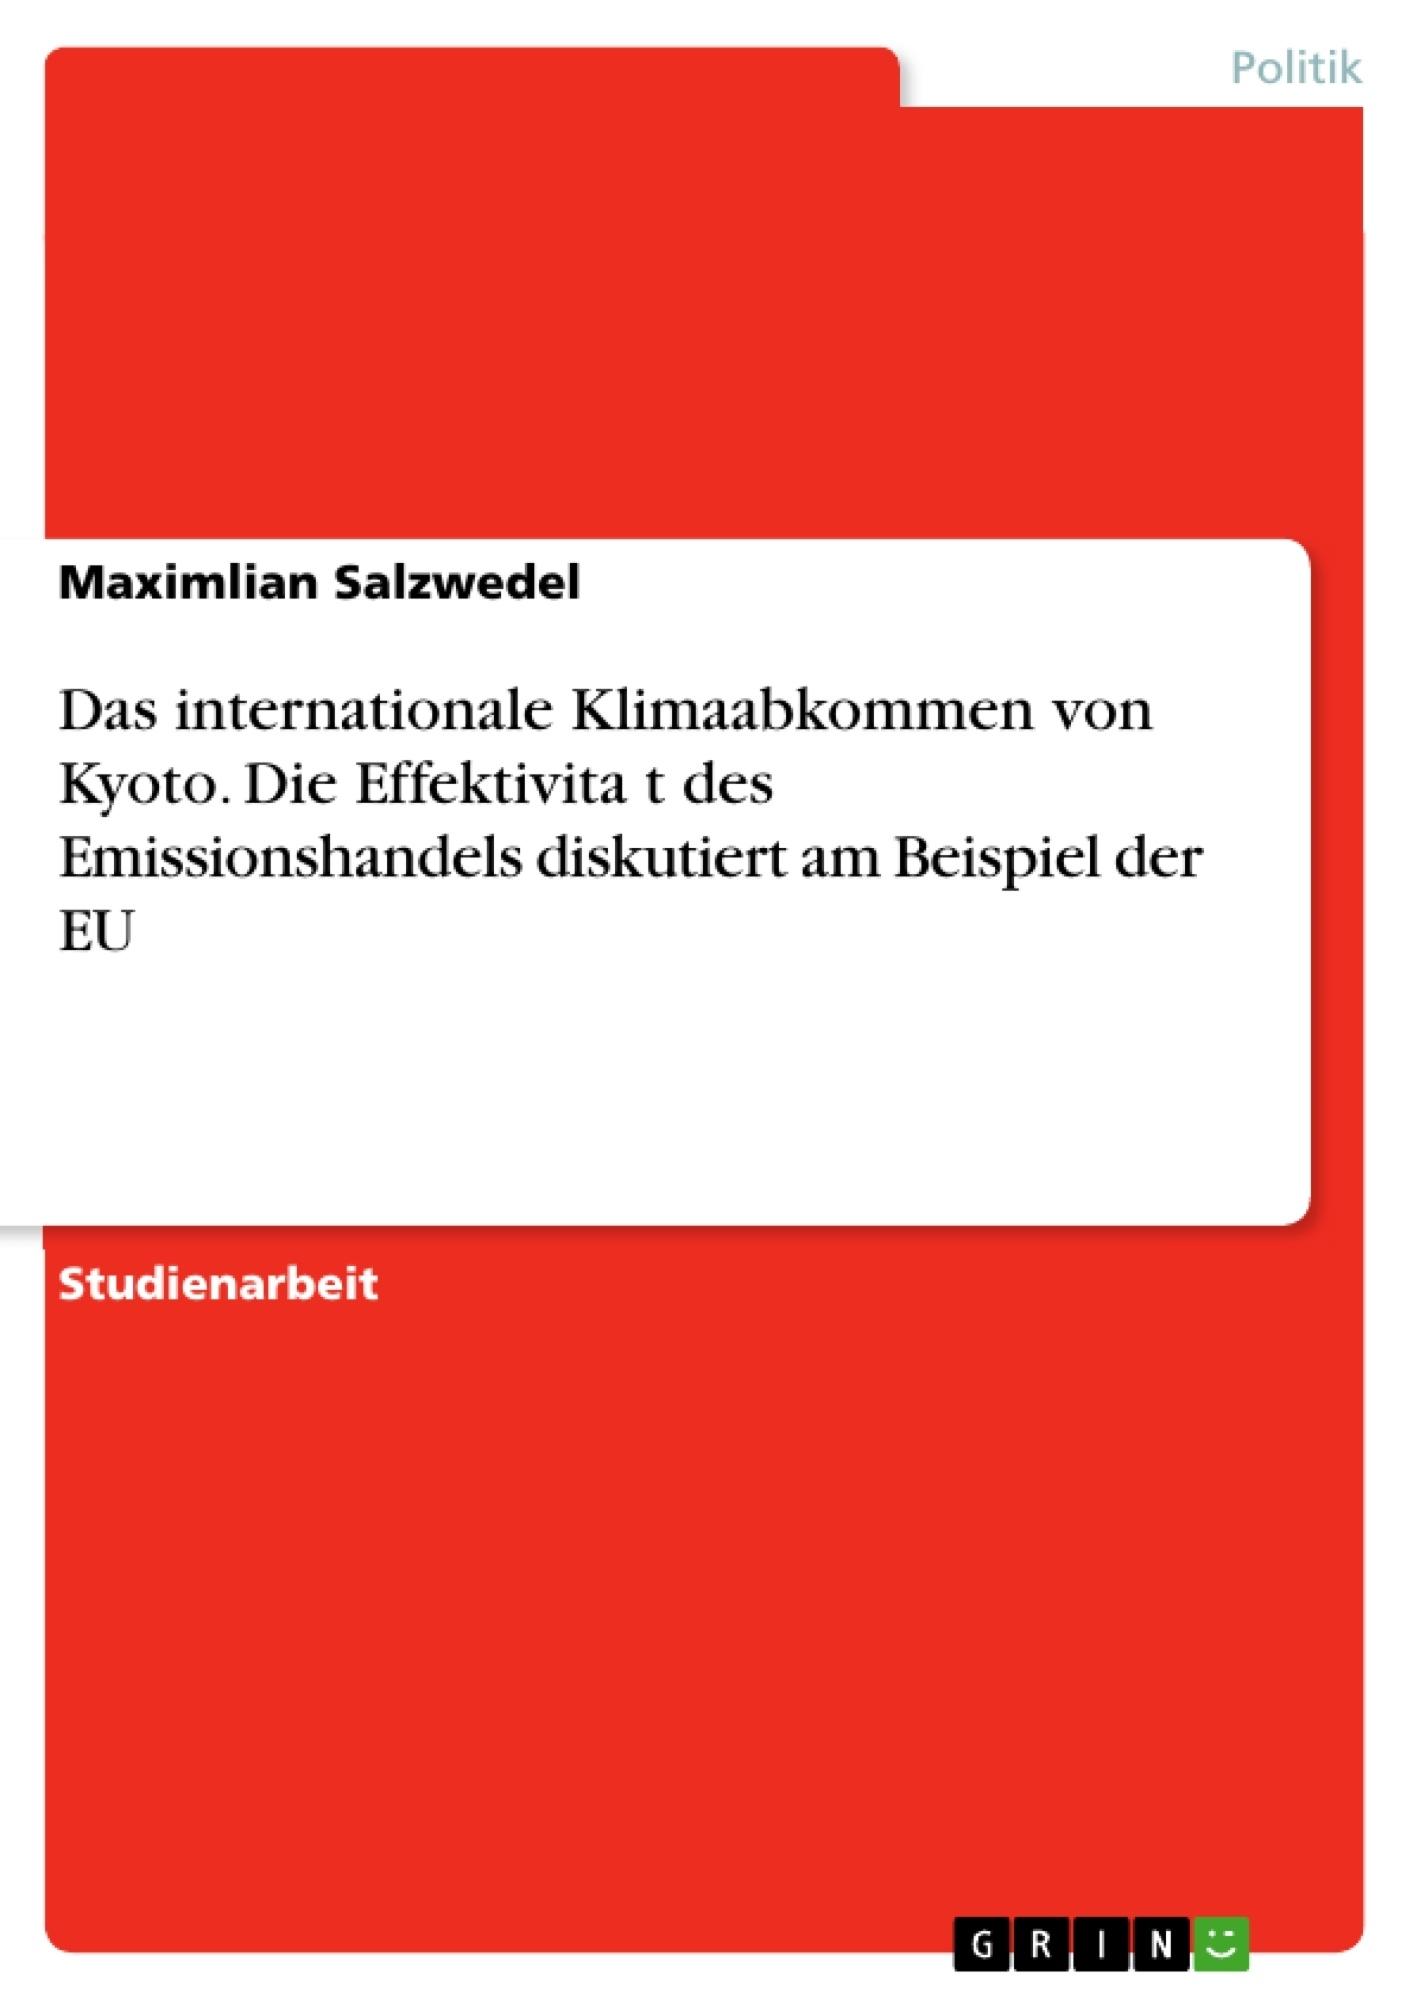 Titel: Das internationale Klimaabkommen von Kyoto. Die Effektivität des Emissionshandels diskutiert am Beispiel der EU